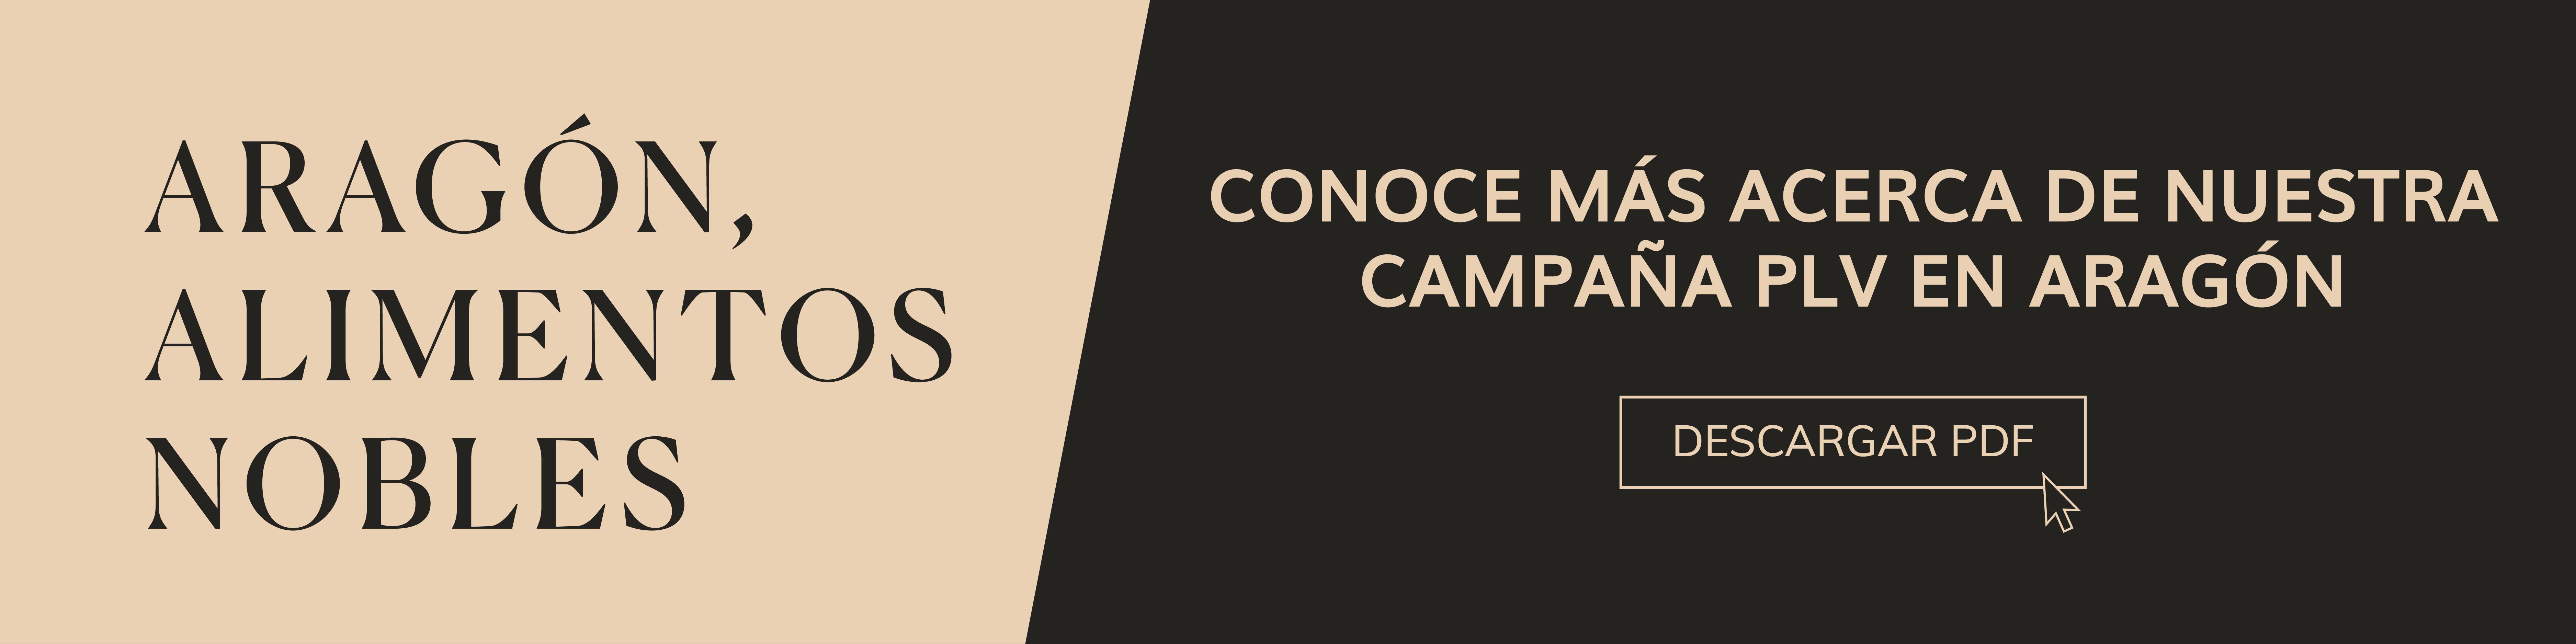 Campaña PLV Aragon